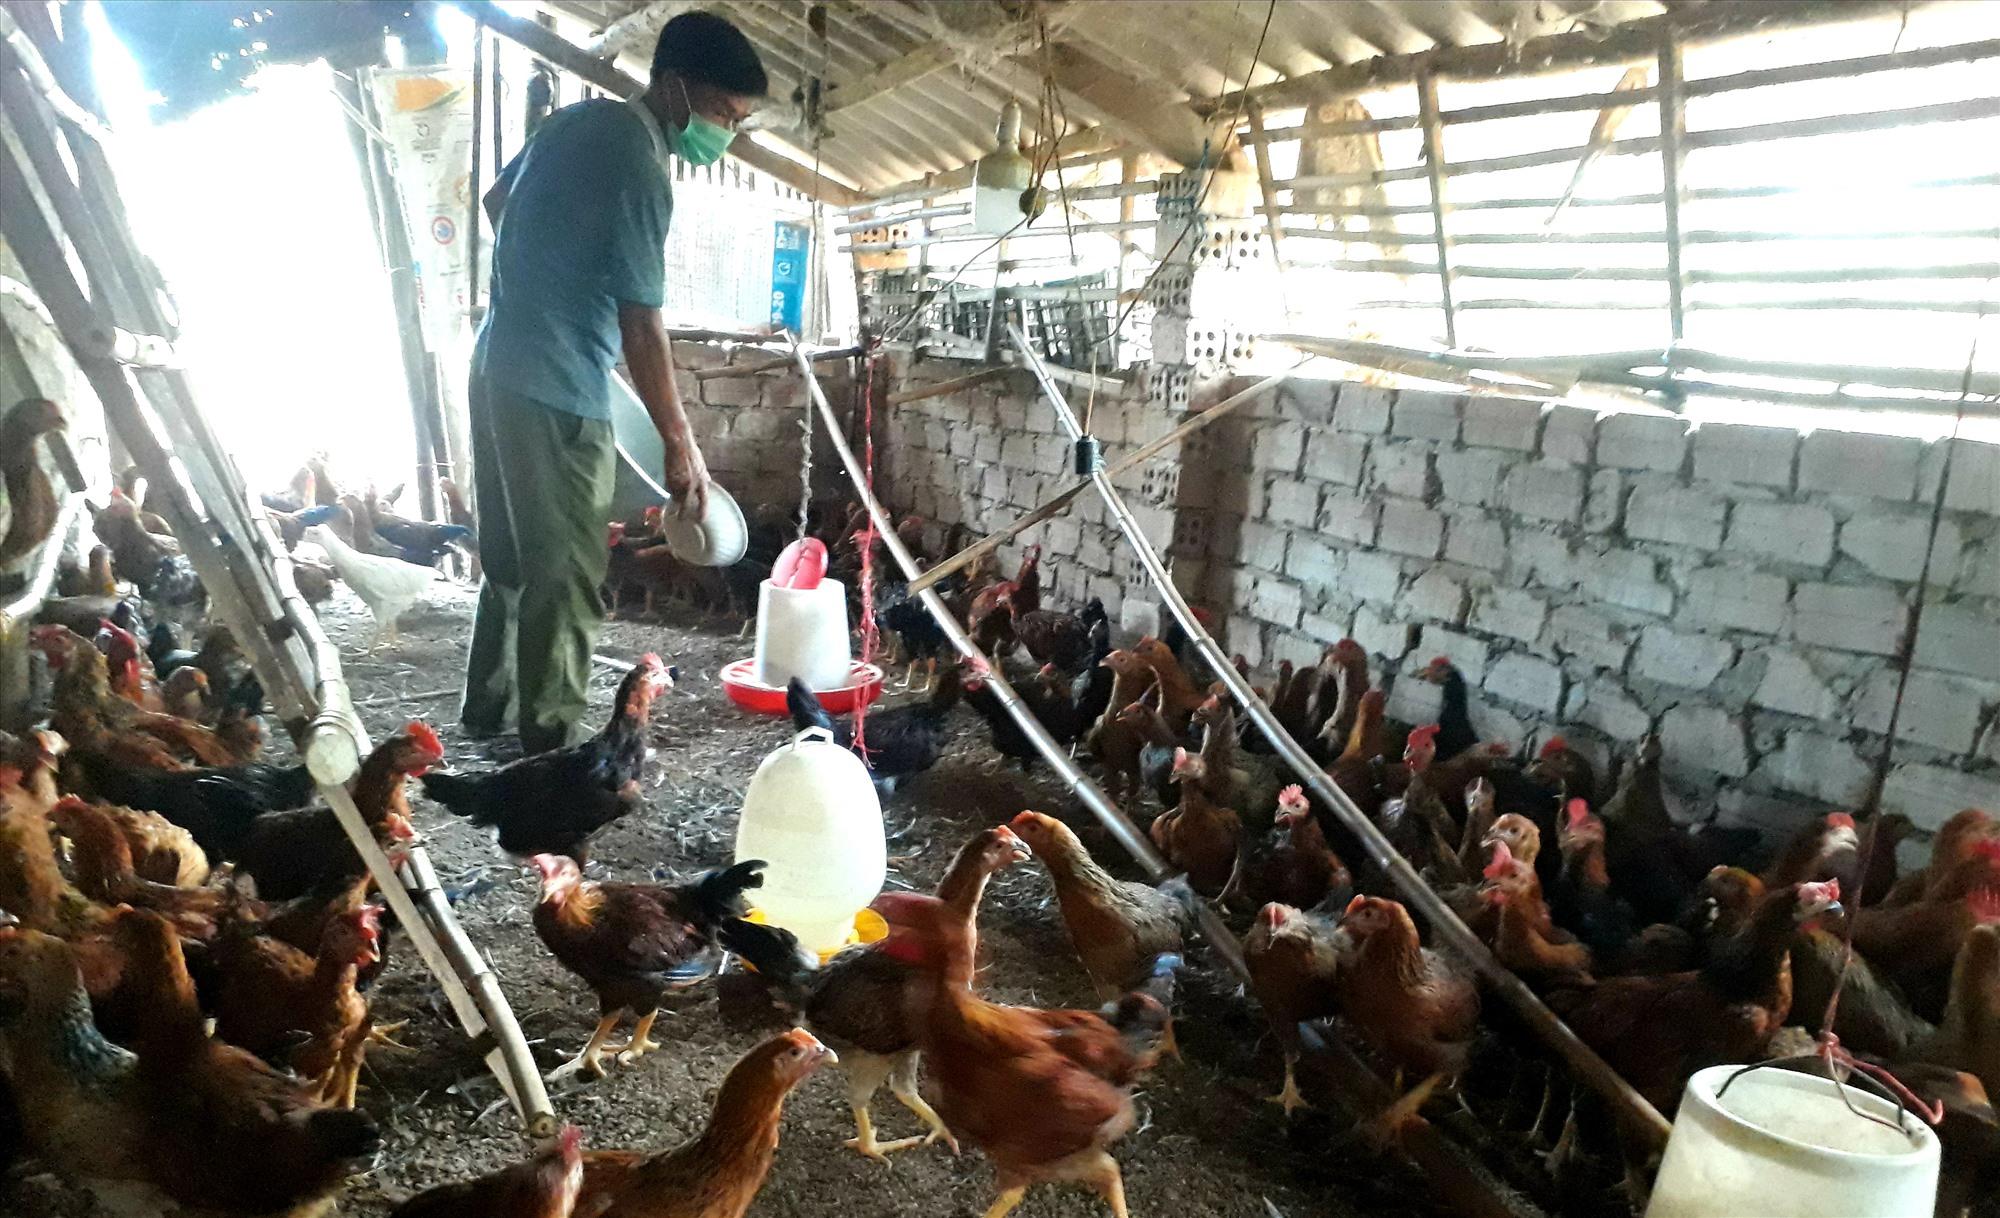 Mô hình nuôi gà trên nền đệm lót sinh học của ông Lê Văn Minh ở thôn Lộc Thượng (Quế Long, Quế Sơn) mang lại hiệu quả kinh tế cao. Ảnh: T.P